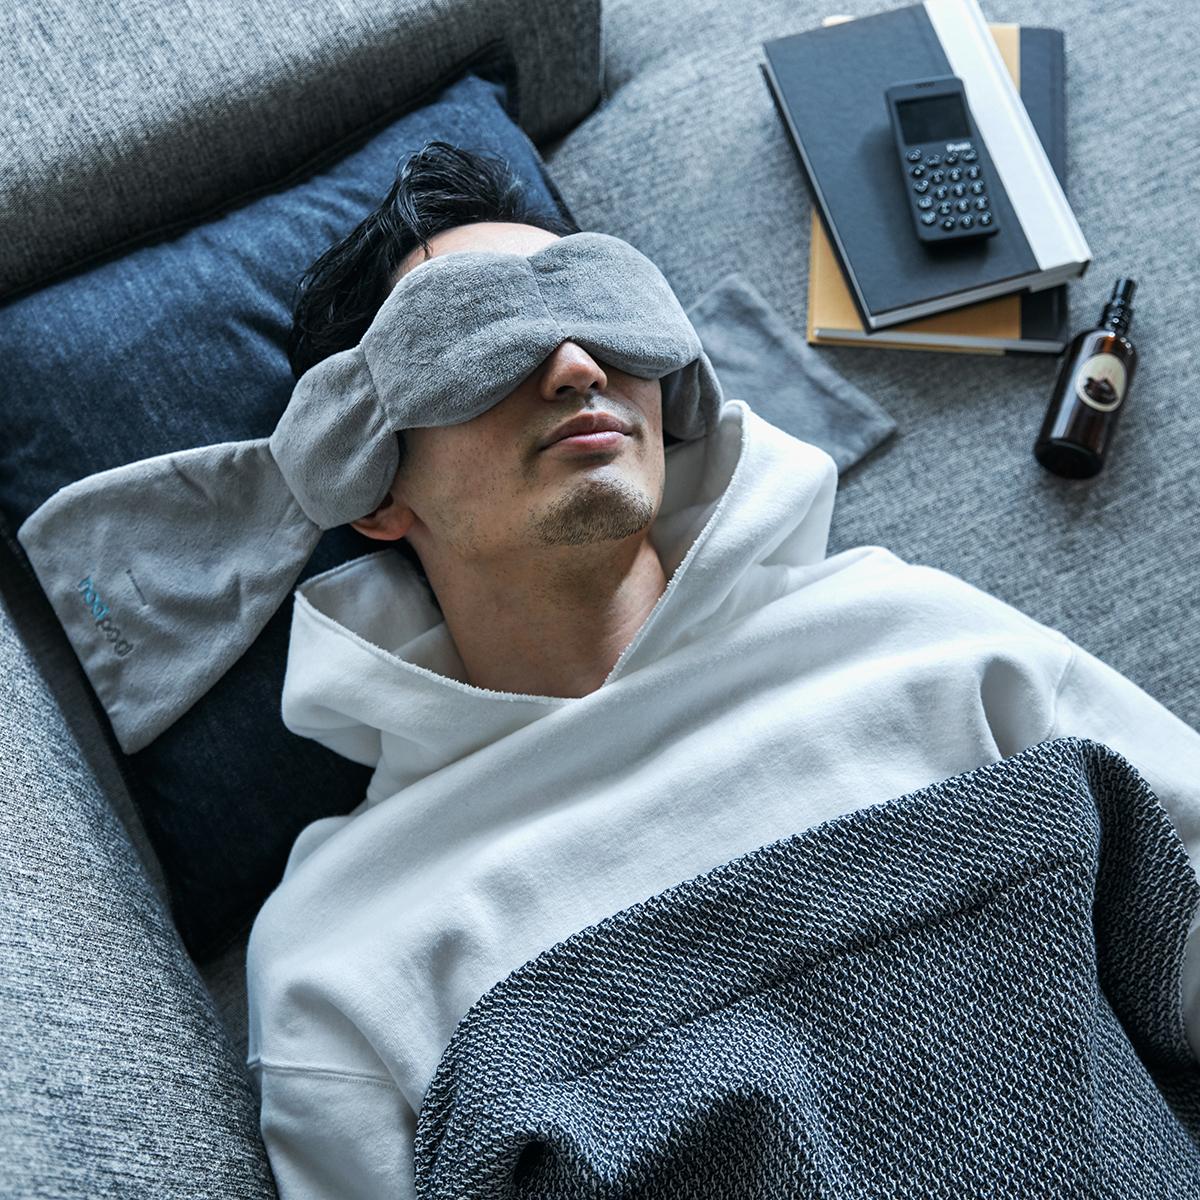 夜遅くまでのパソコン作業や寝る前スマホで目元が疲れて、なかなか寝つけない方におすすめ。目の上に乗せるだけ、穏やかな重みで夢の世界へ。寝返りを打ってもズレにくい「スリープマスク」|nodpod(ノッドポッド)